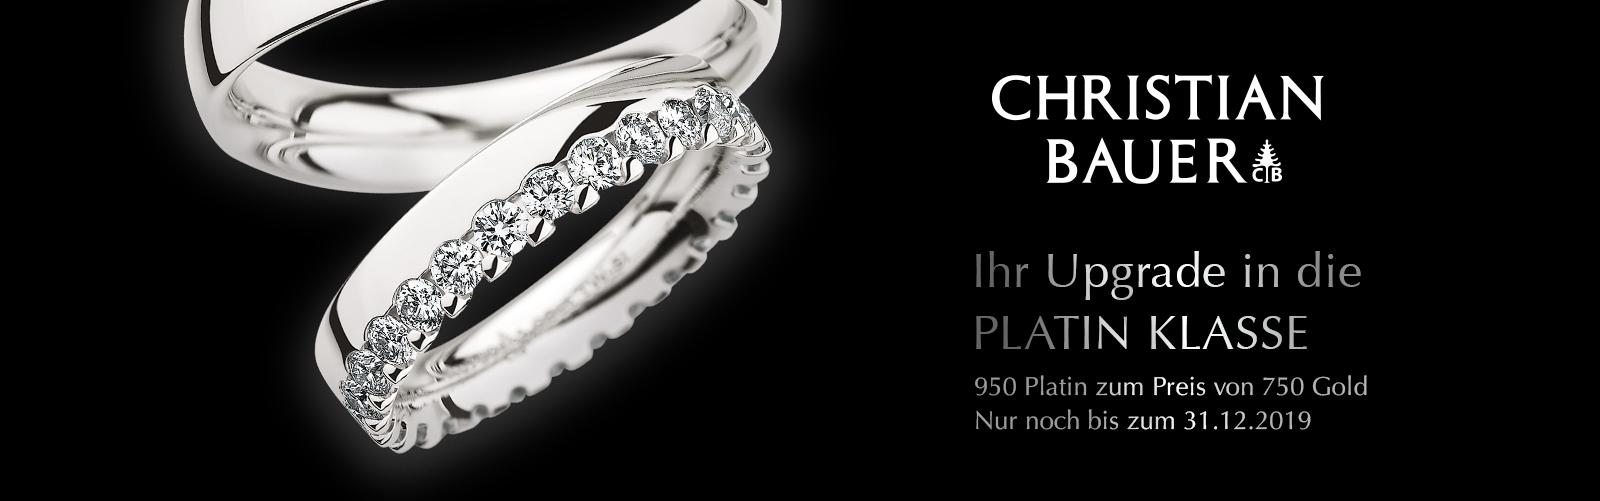 Platin-Trauringe zum Preis von Gold bei Trauringjuwelier Mommen am Neumarkt in Köln